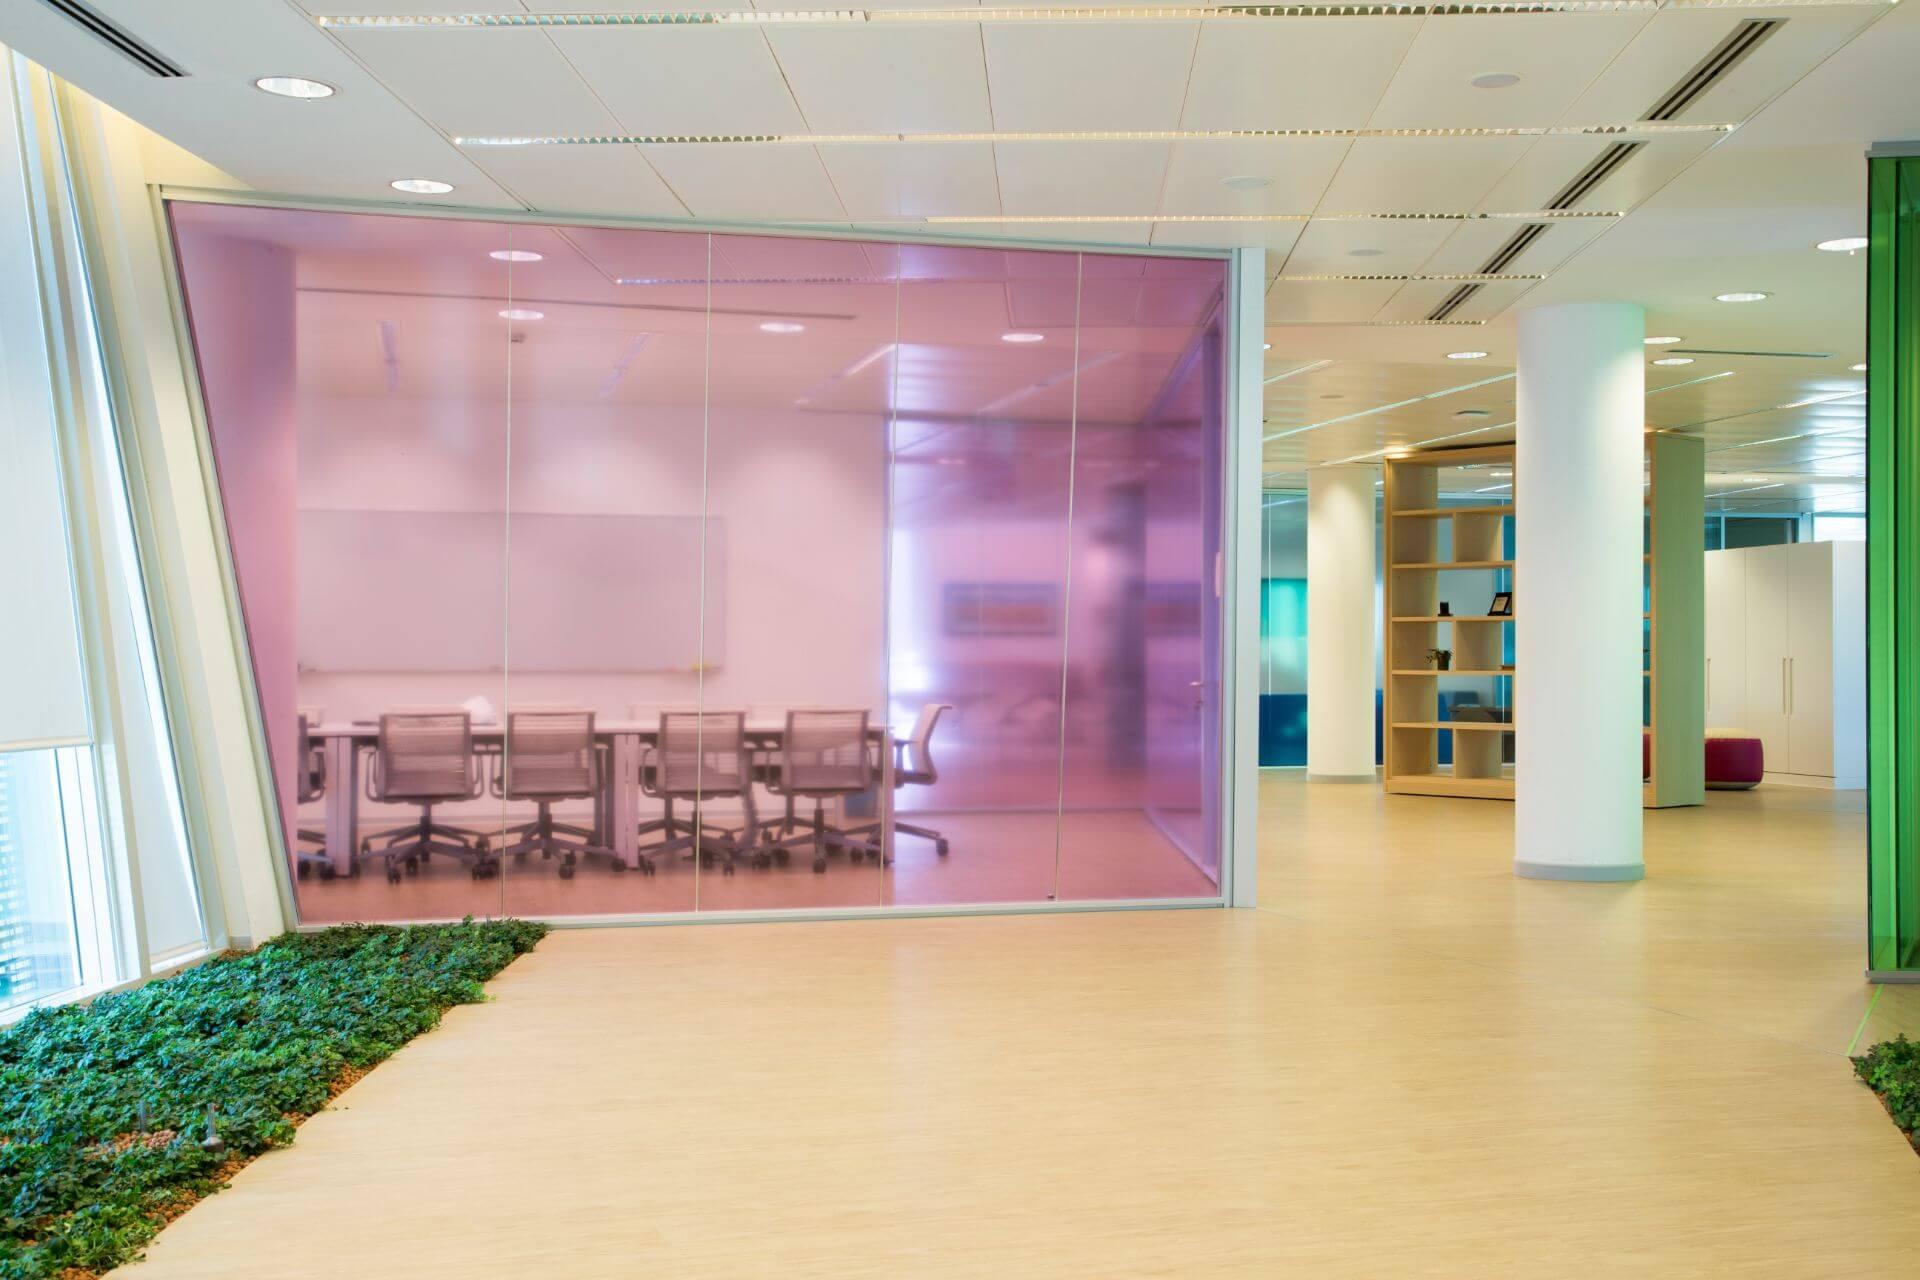 Pareti Divisorie In Vetro Colorato astellas offices colored glass partition walls | vetroin